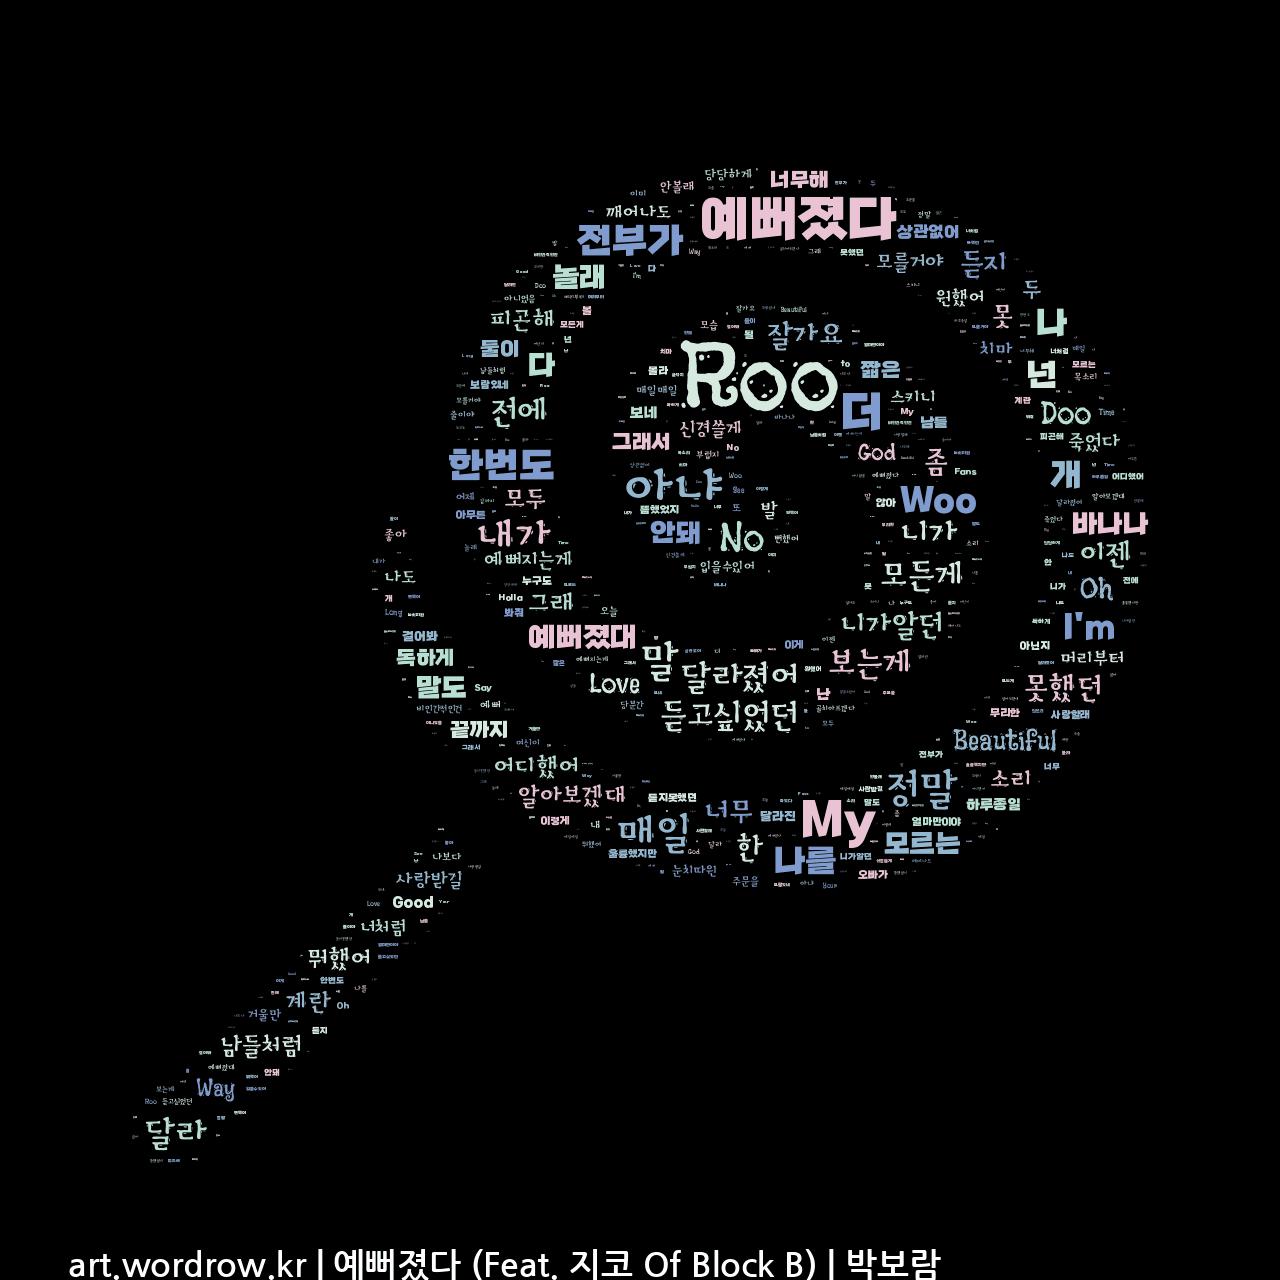 워드 아트: 예뻐졌다 (Feat. 지코 Of Block B) [박보람]-8